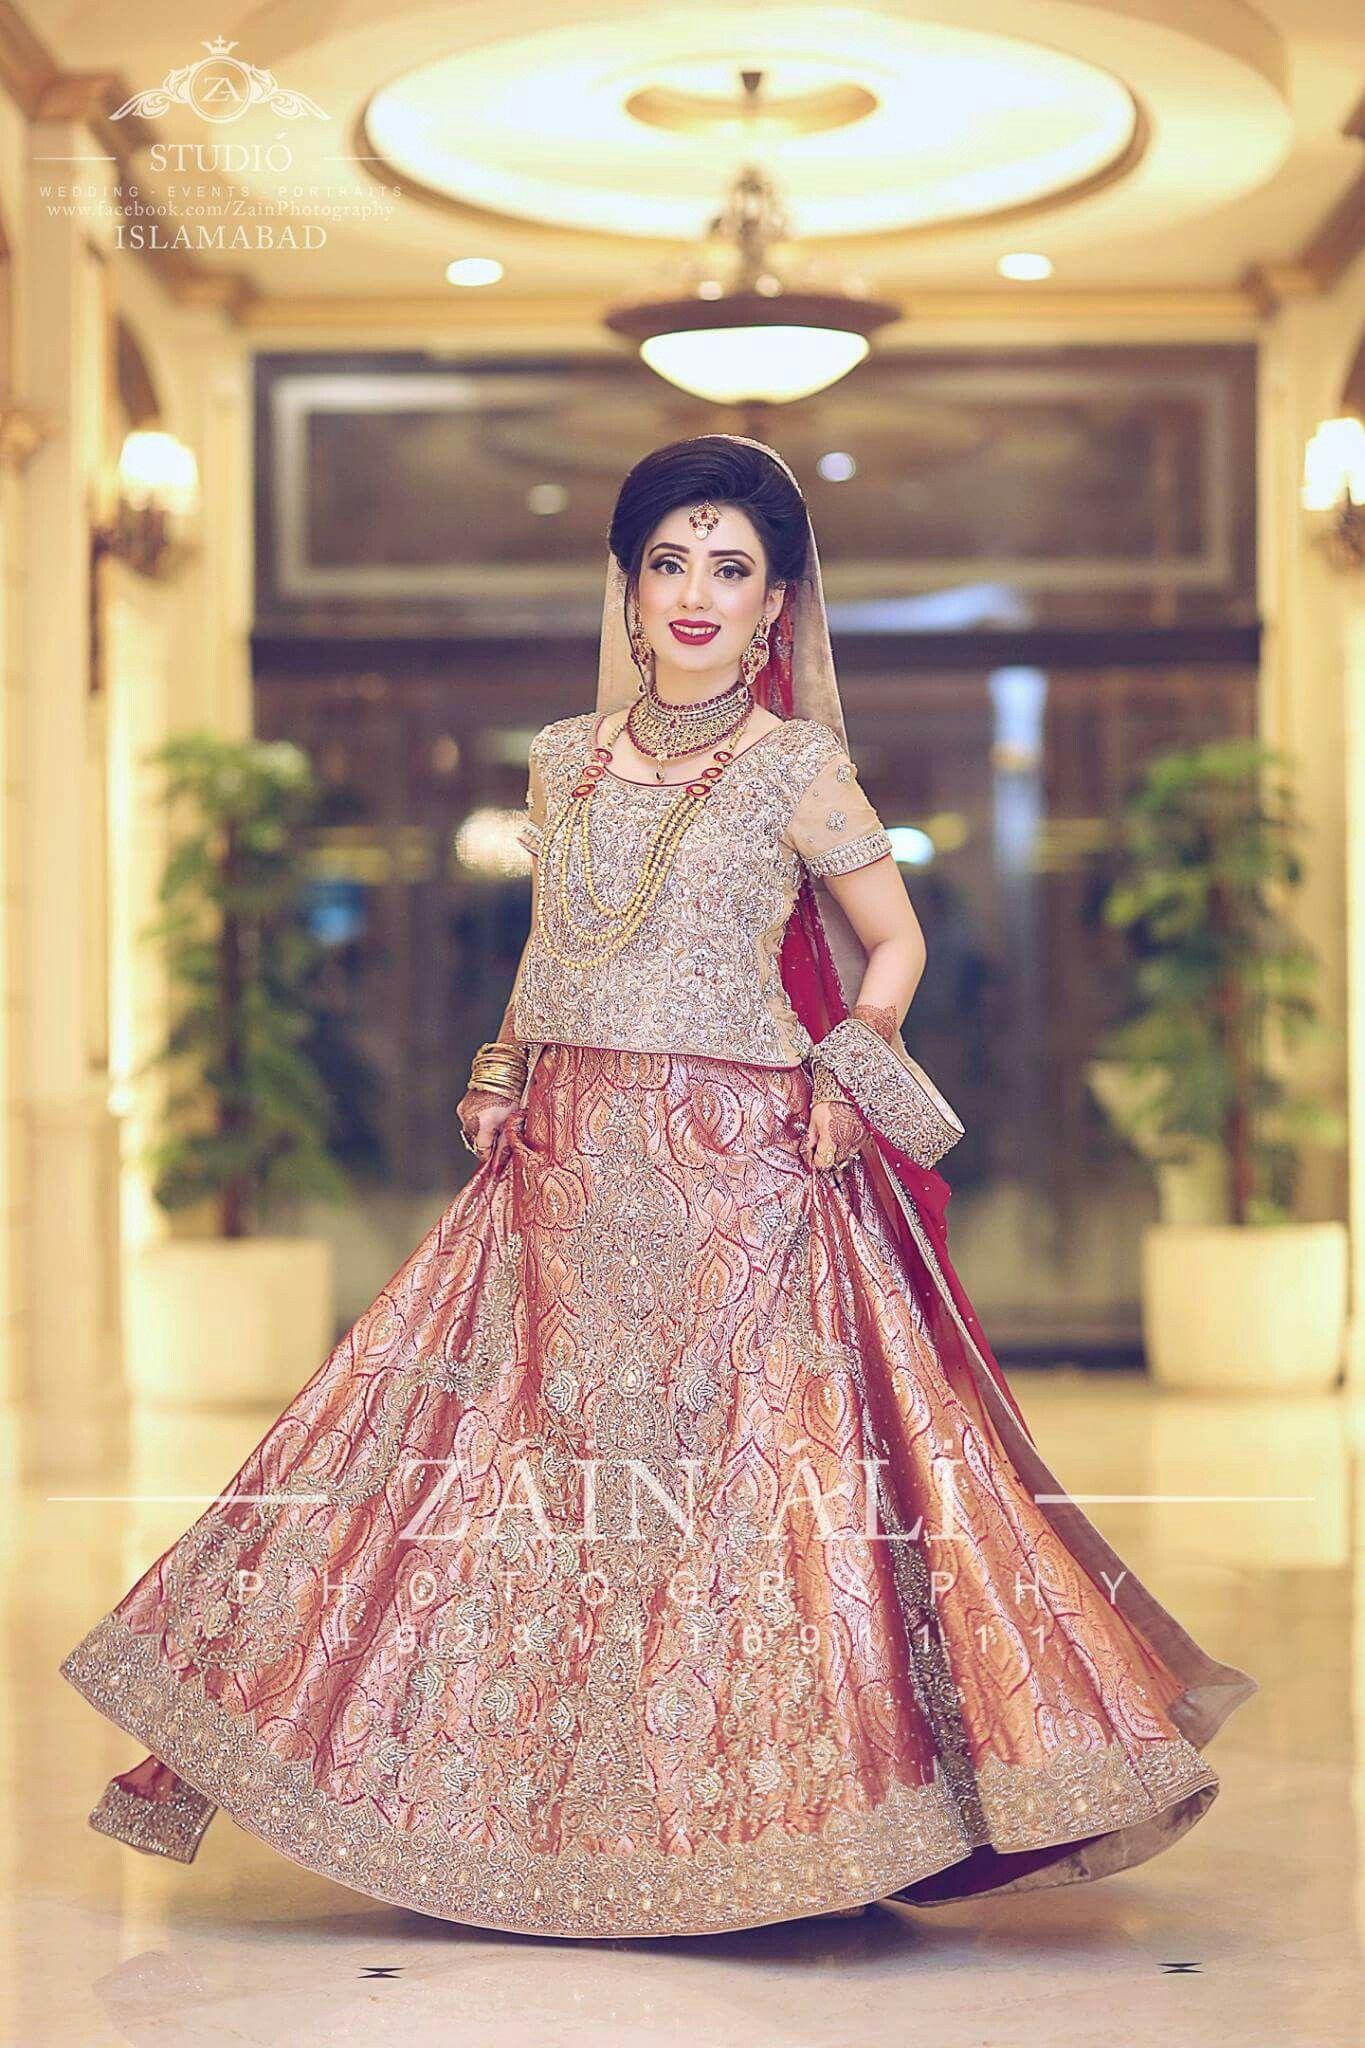 Pin de alina ch en Bridal dresses | Pinterest